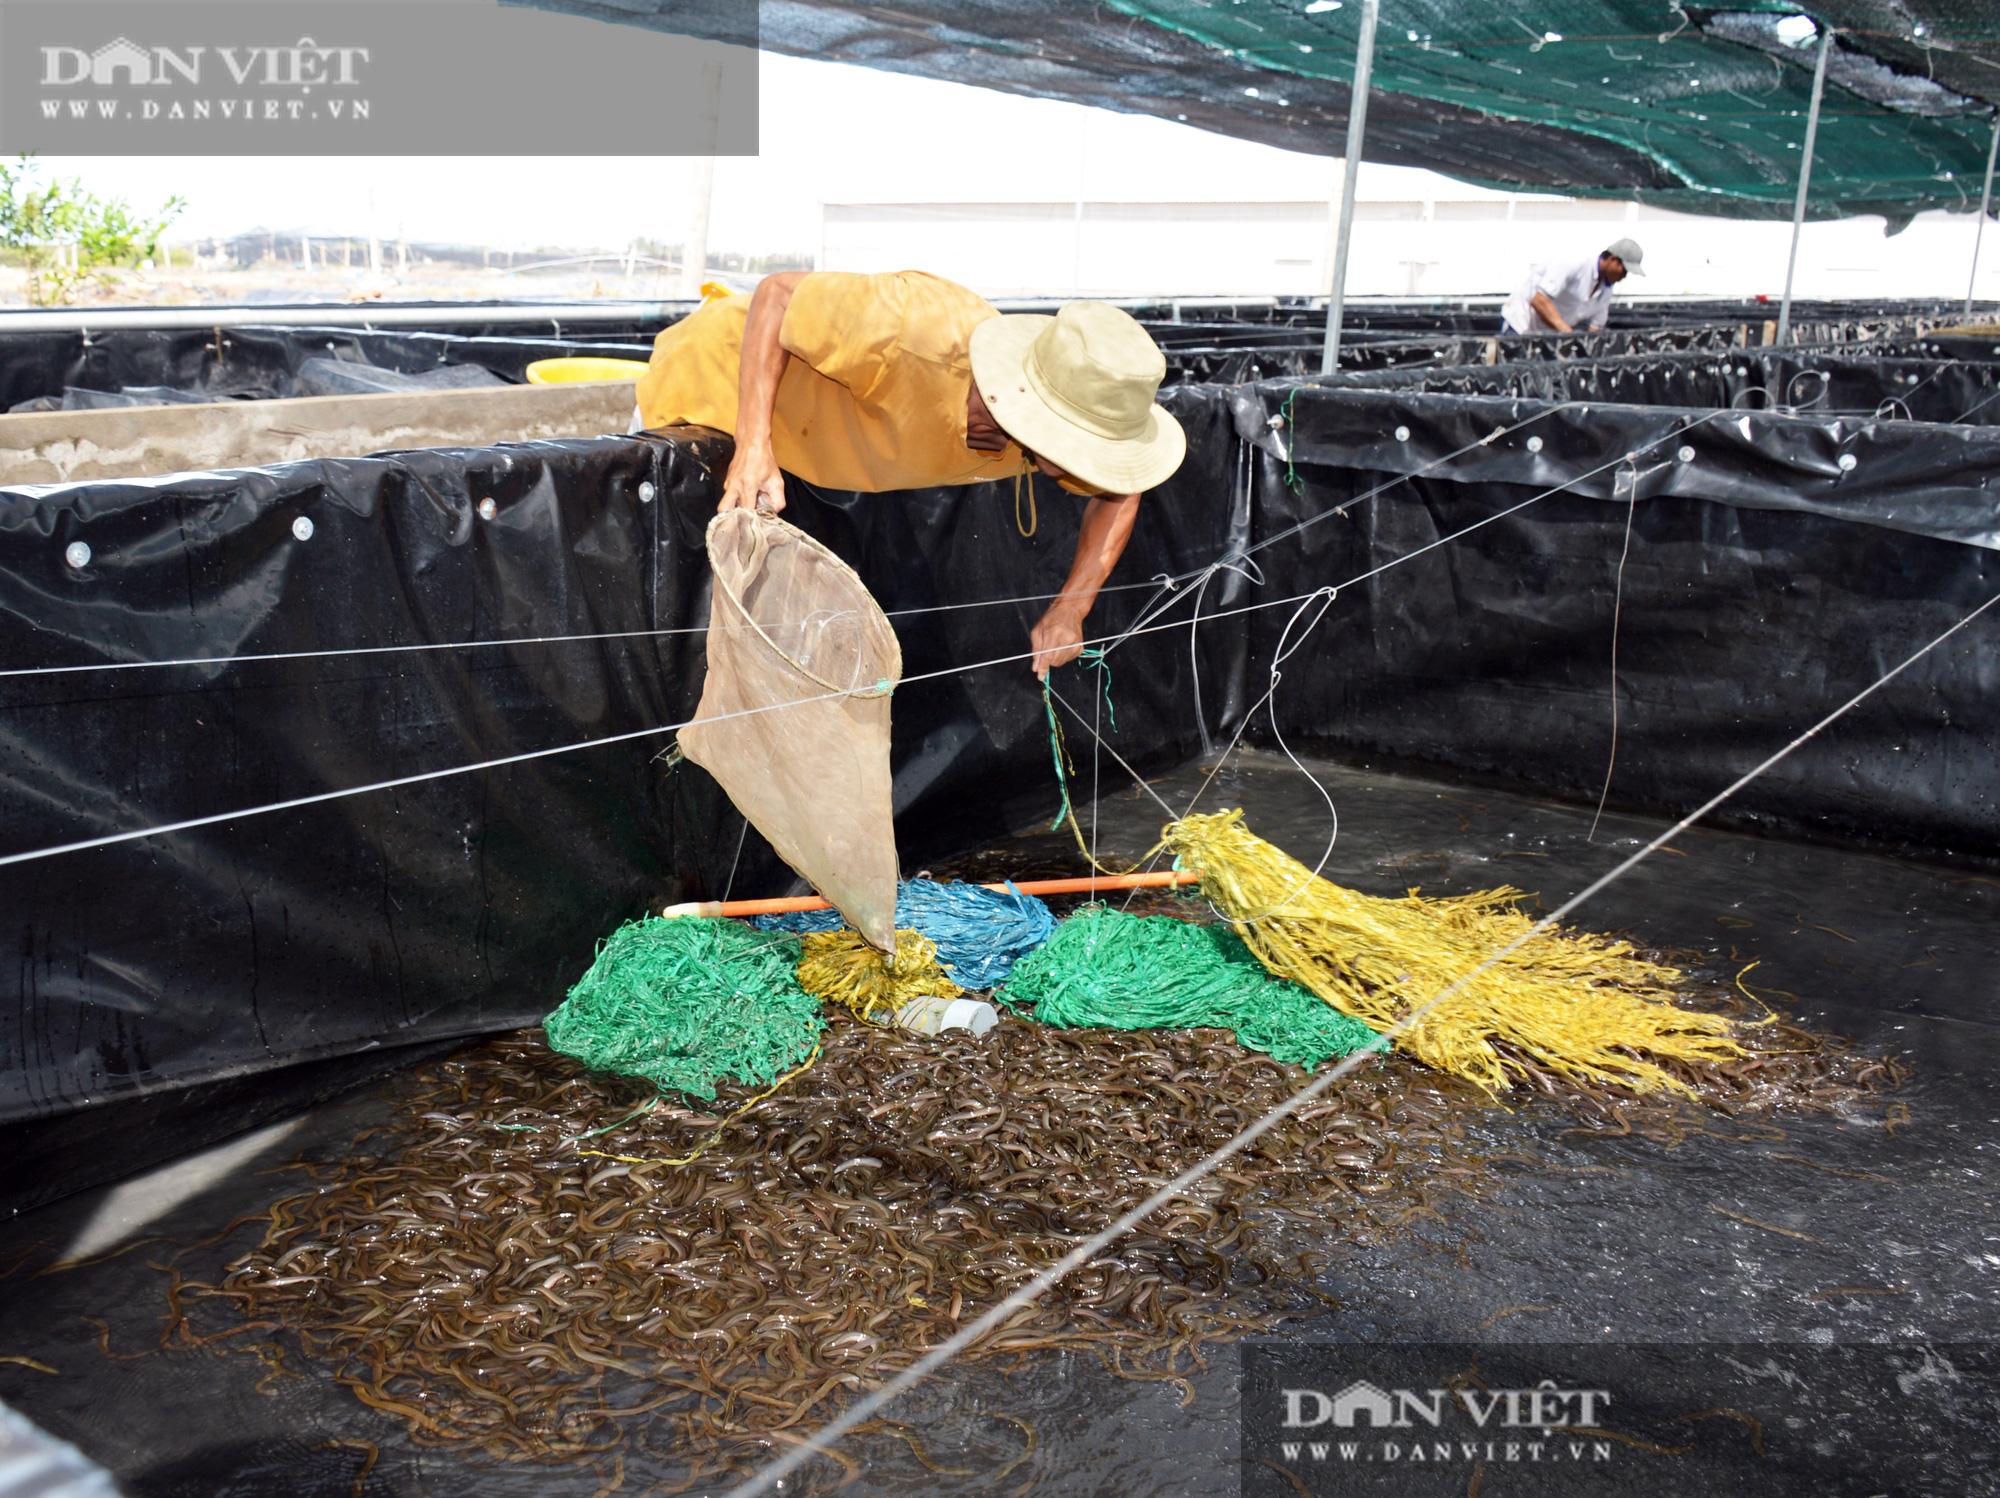 Bạc Liêu: Chàng kỹ sư bỏ công ty nước ngoài về làm nông dân nuôi 15 loài thủy sản - Ảnh 6.